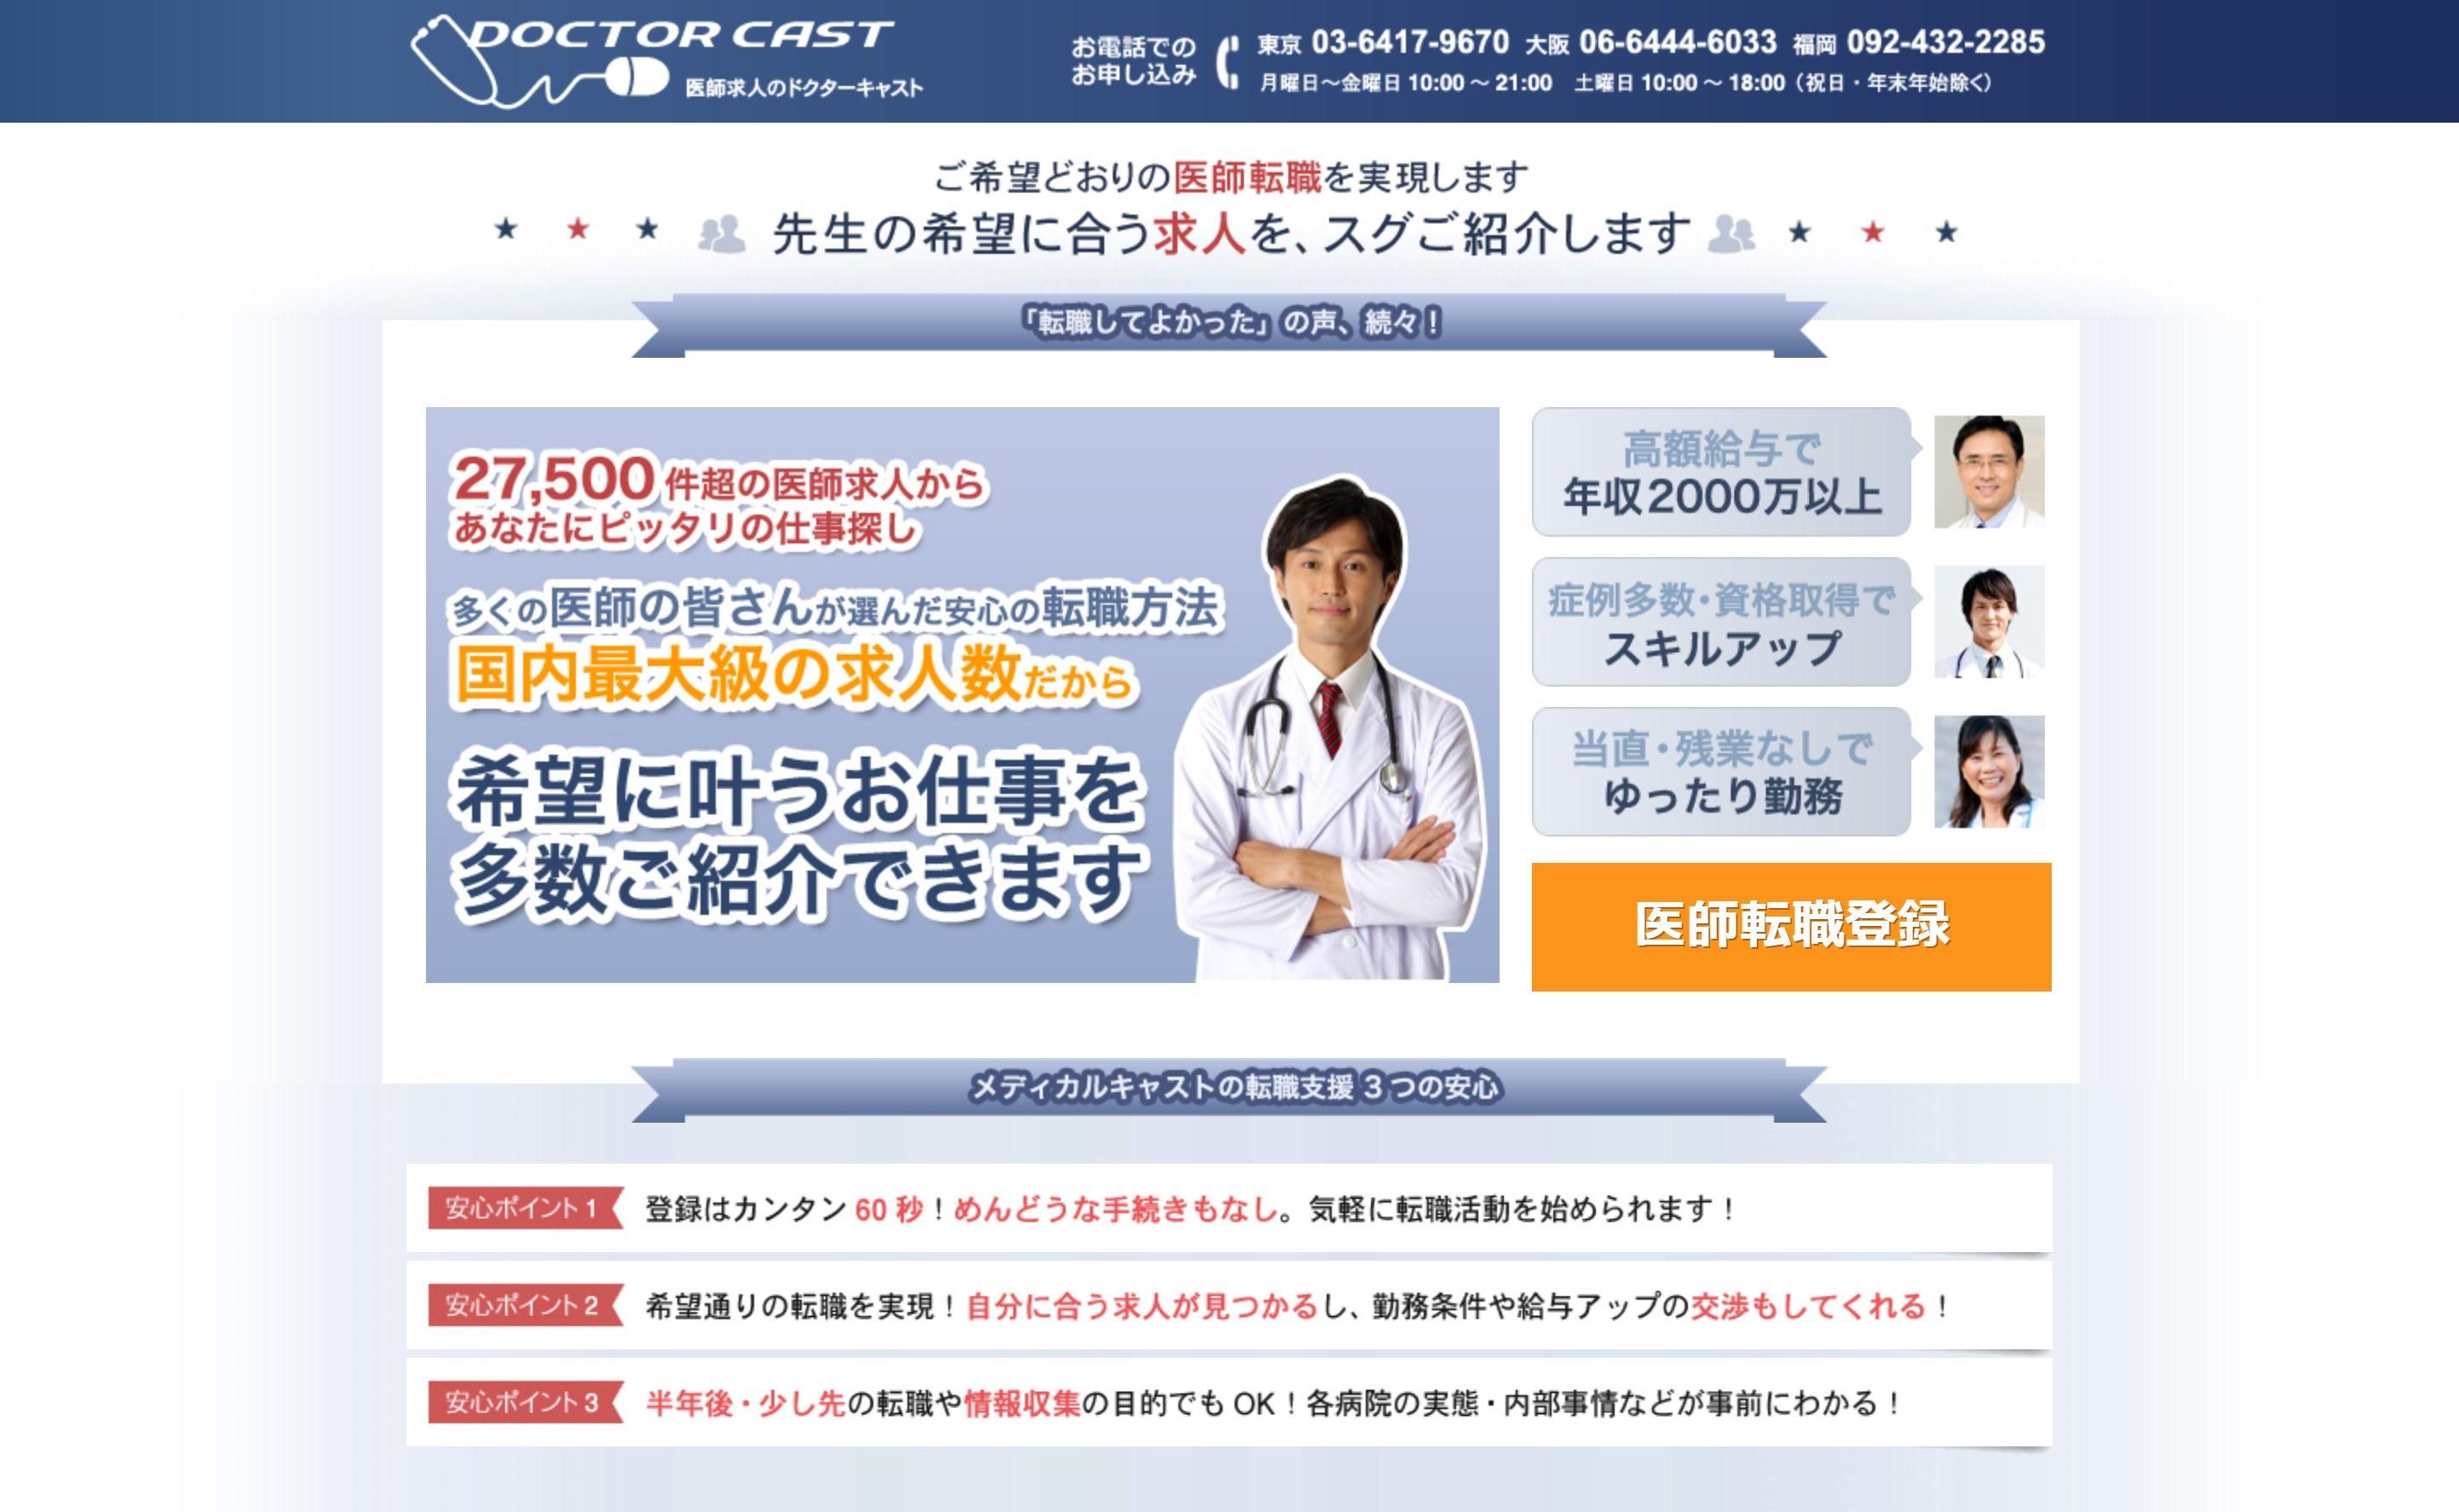 ドクターキャスト ホームページ画像